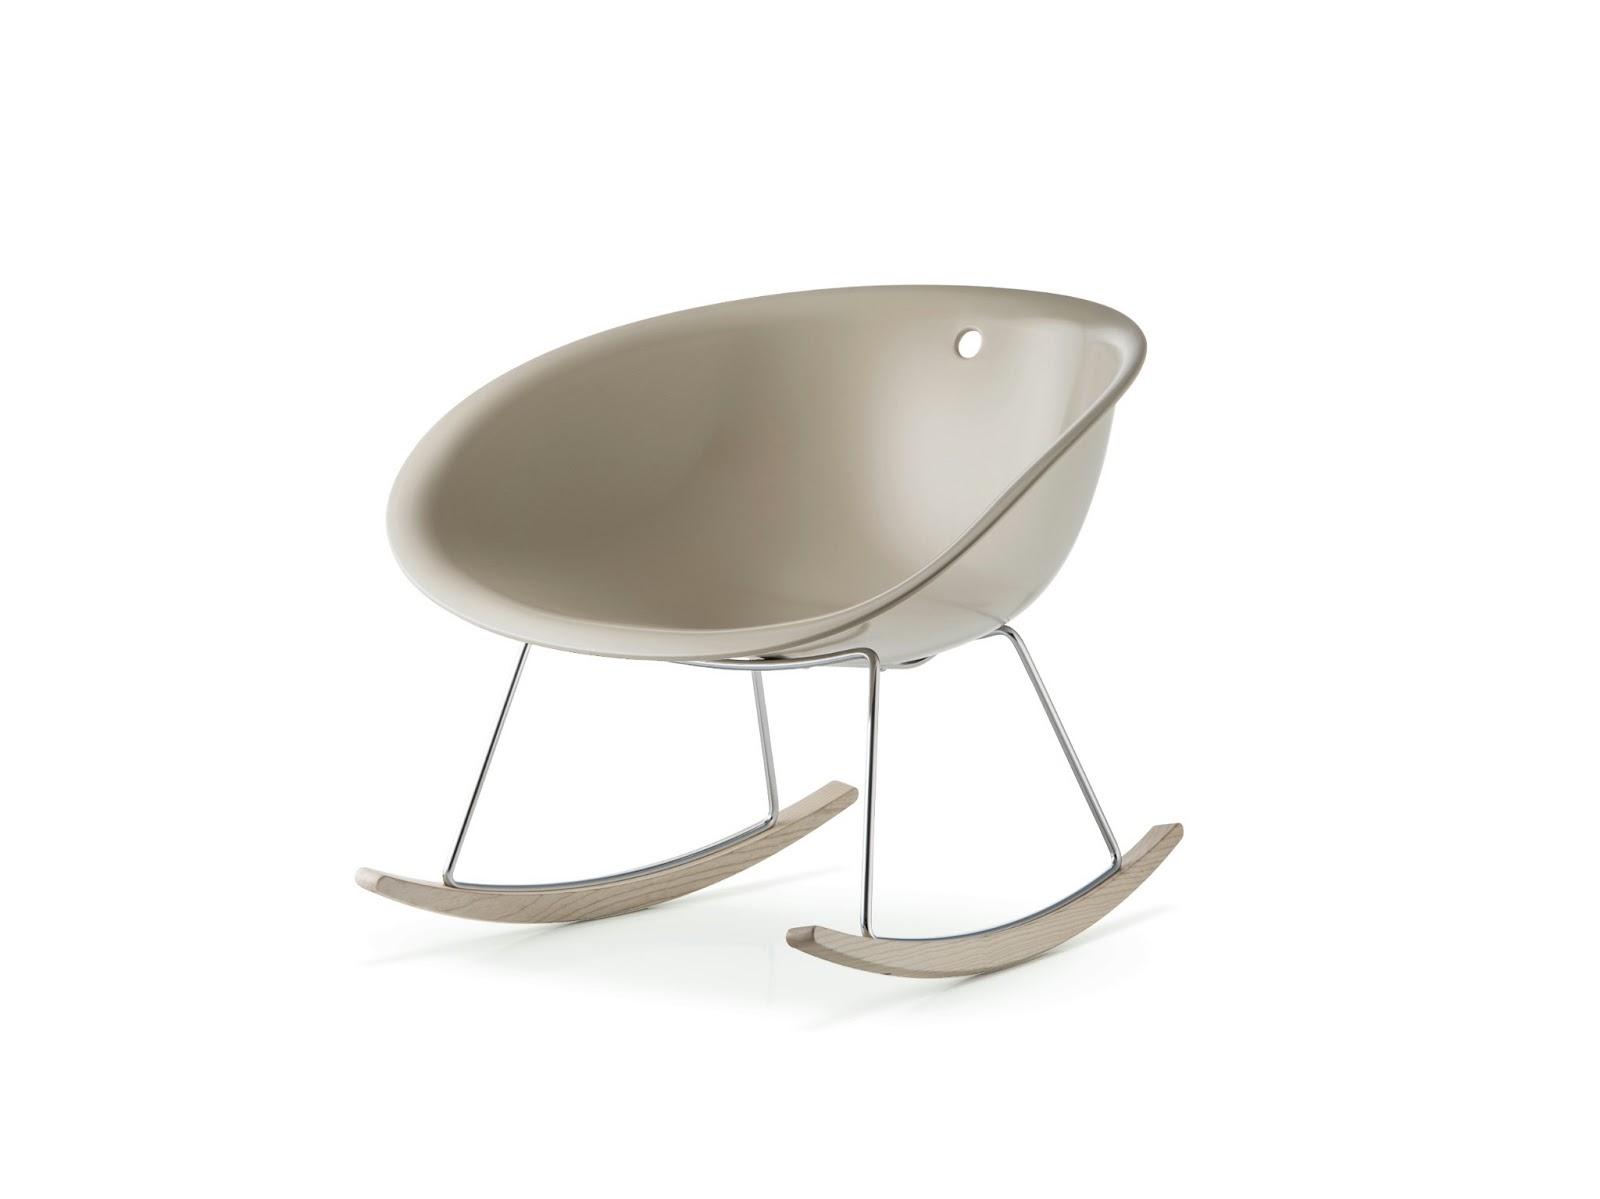 Gliss swing la poltrona a dondolo di pedrali - Poltrona a dondolo di design ...